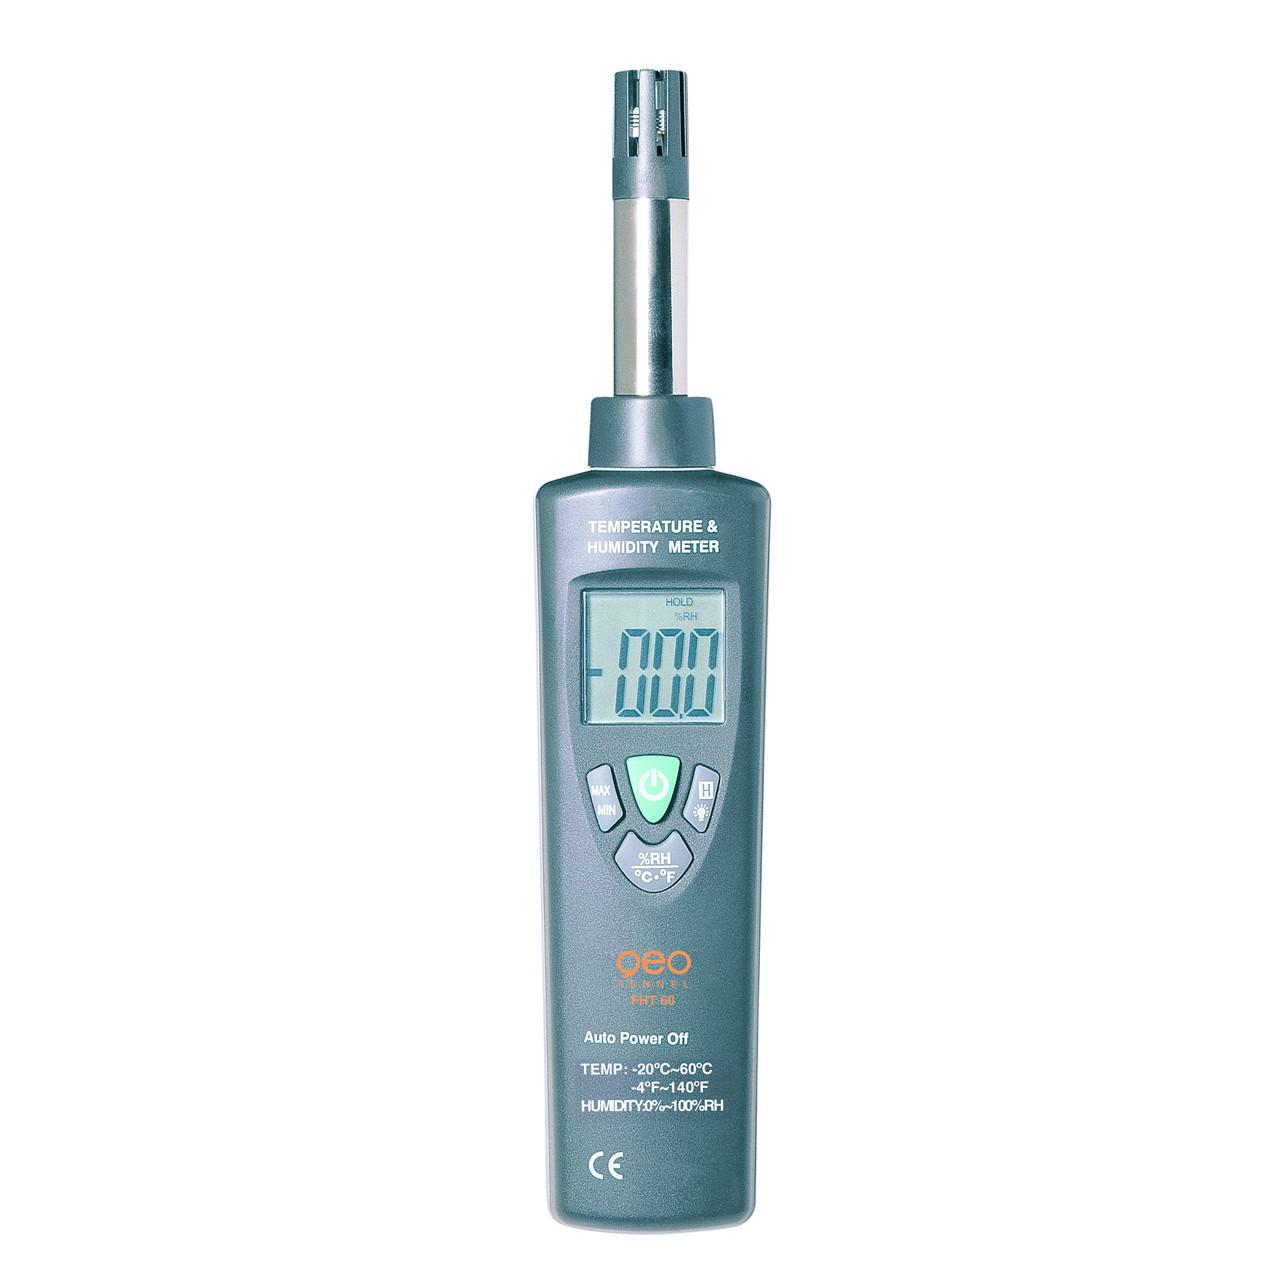 geoFENNEL Humidity temperaturmåler FHT 60 - Værktøj -> Laser og måleinstrumenter|Mærker -> geo-FENNEL -> geo-FENNEL Måleinstrumenter|Mærker -> geo-FENNEL